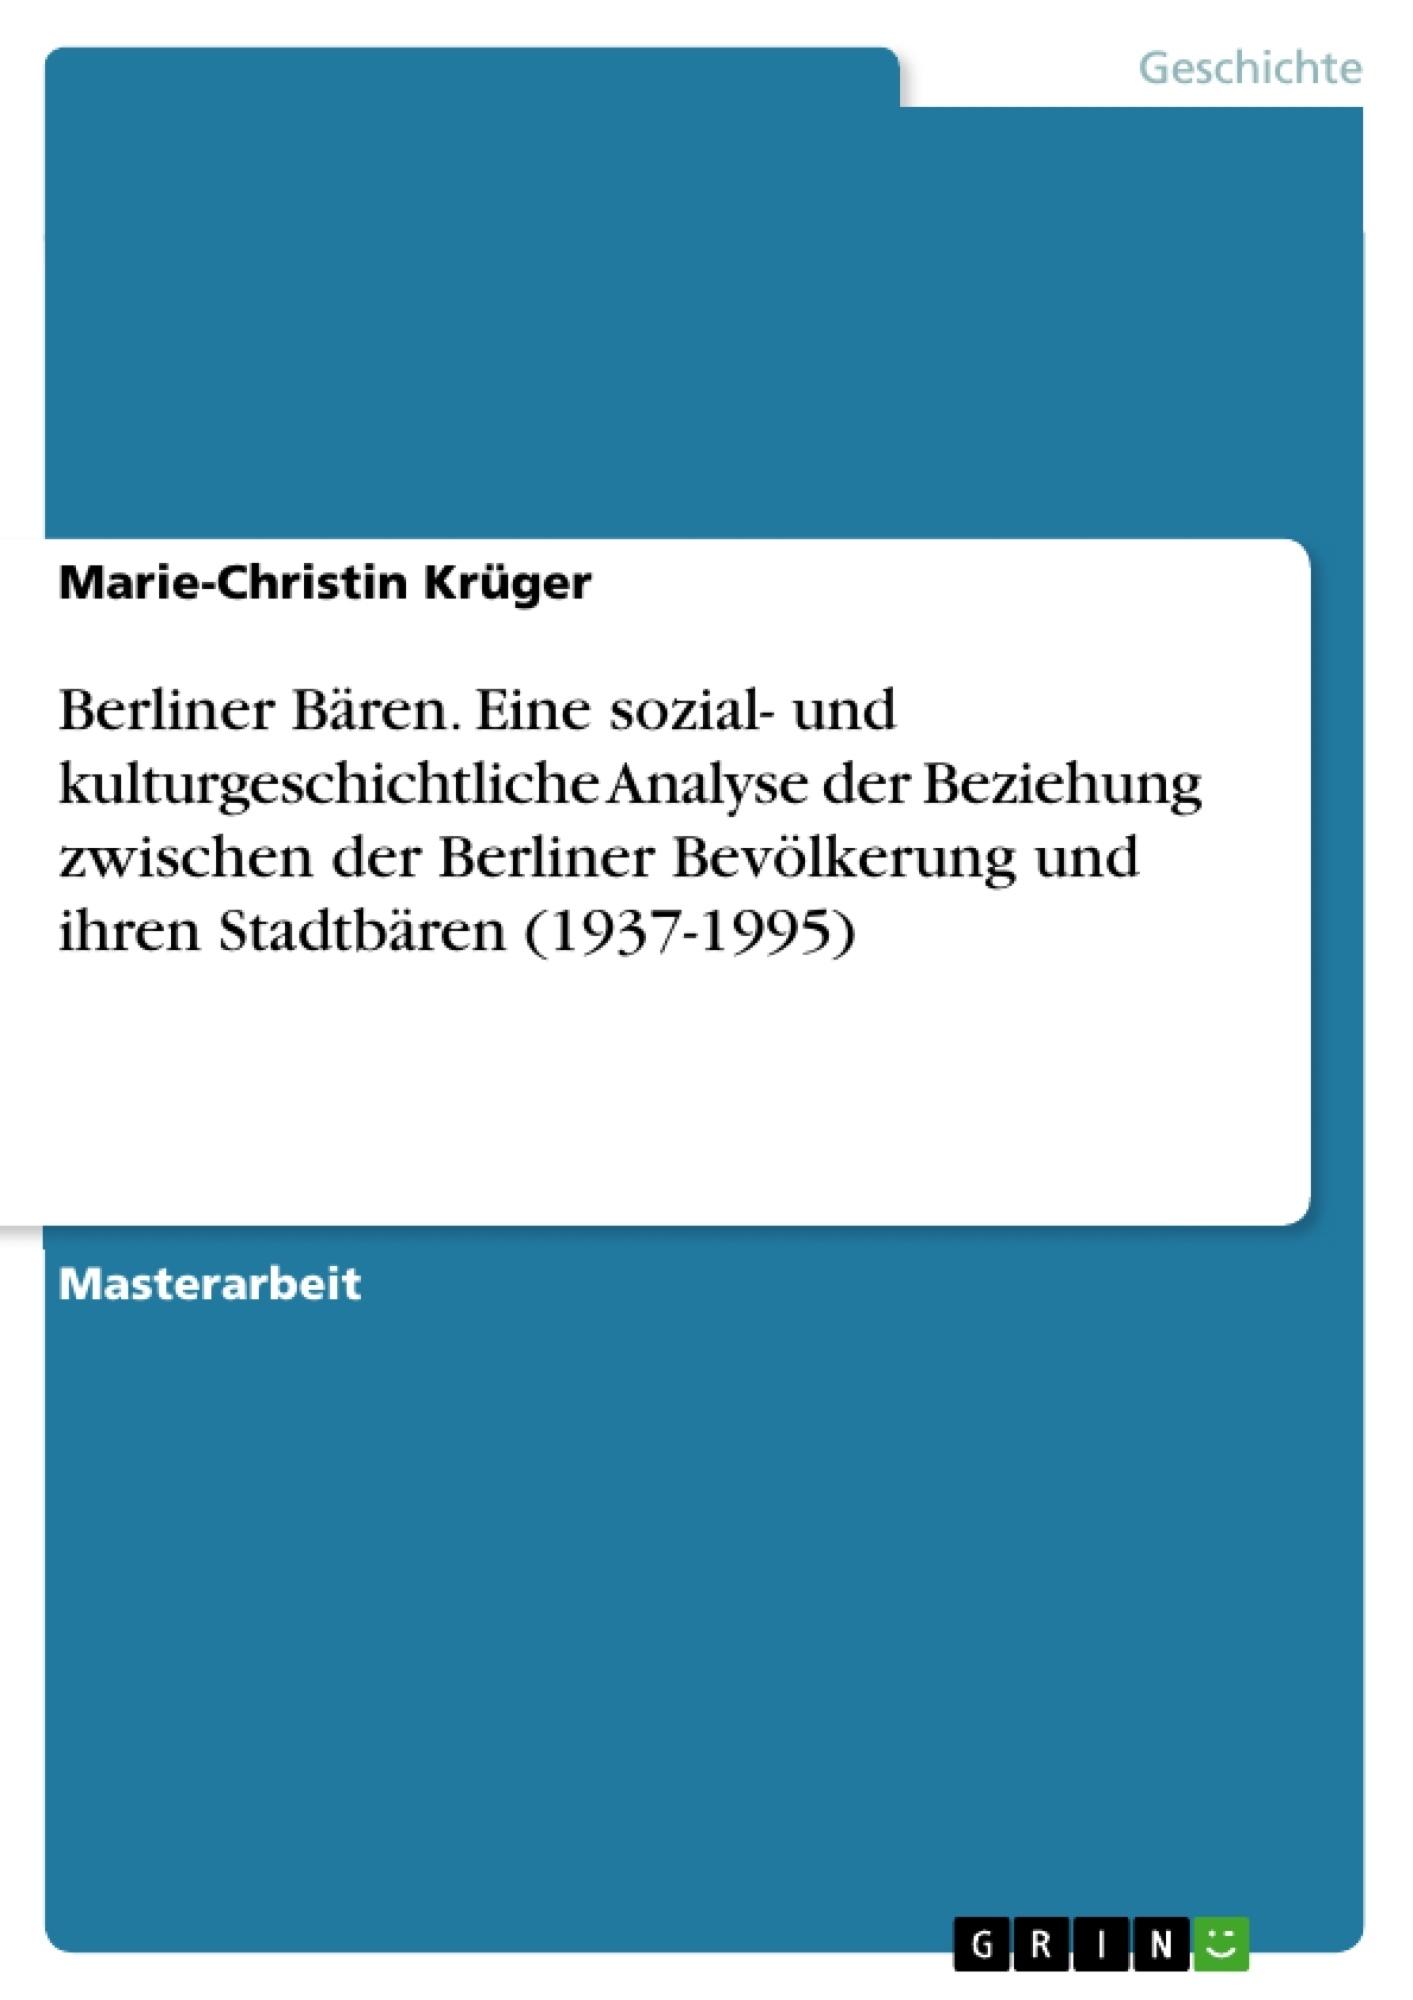 Titel: Berliner Bären. Eine sozial- und kulturgeschichtliche Analyse der Beziehung zwischen der Berliner Bevölkerung und ihren Stadtbären (1937-1995)